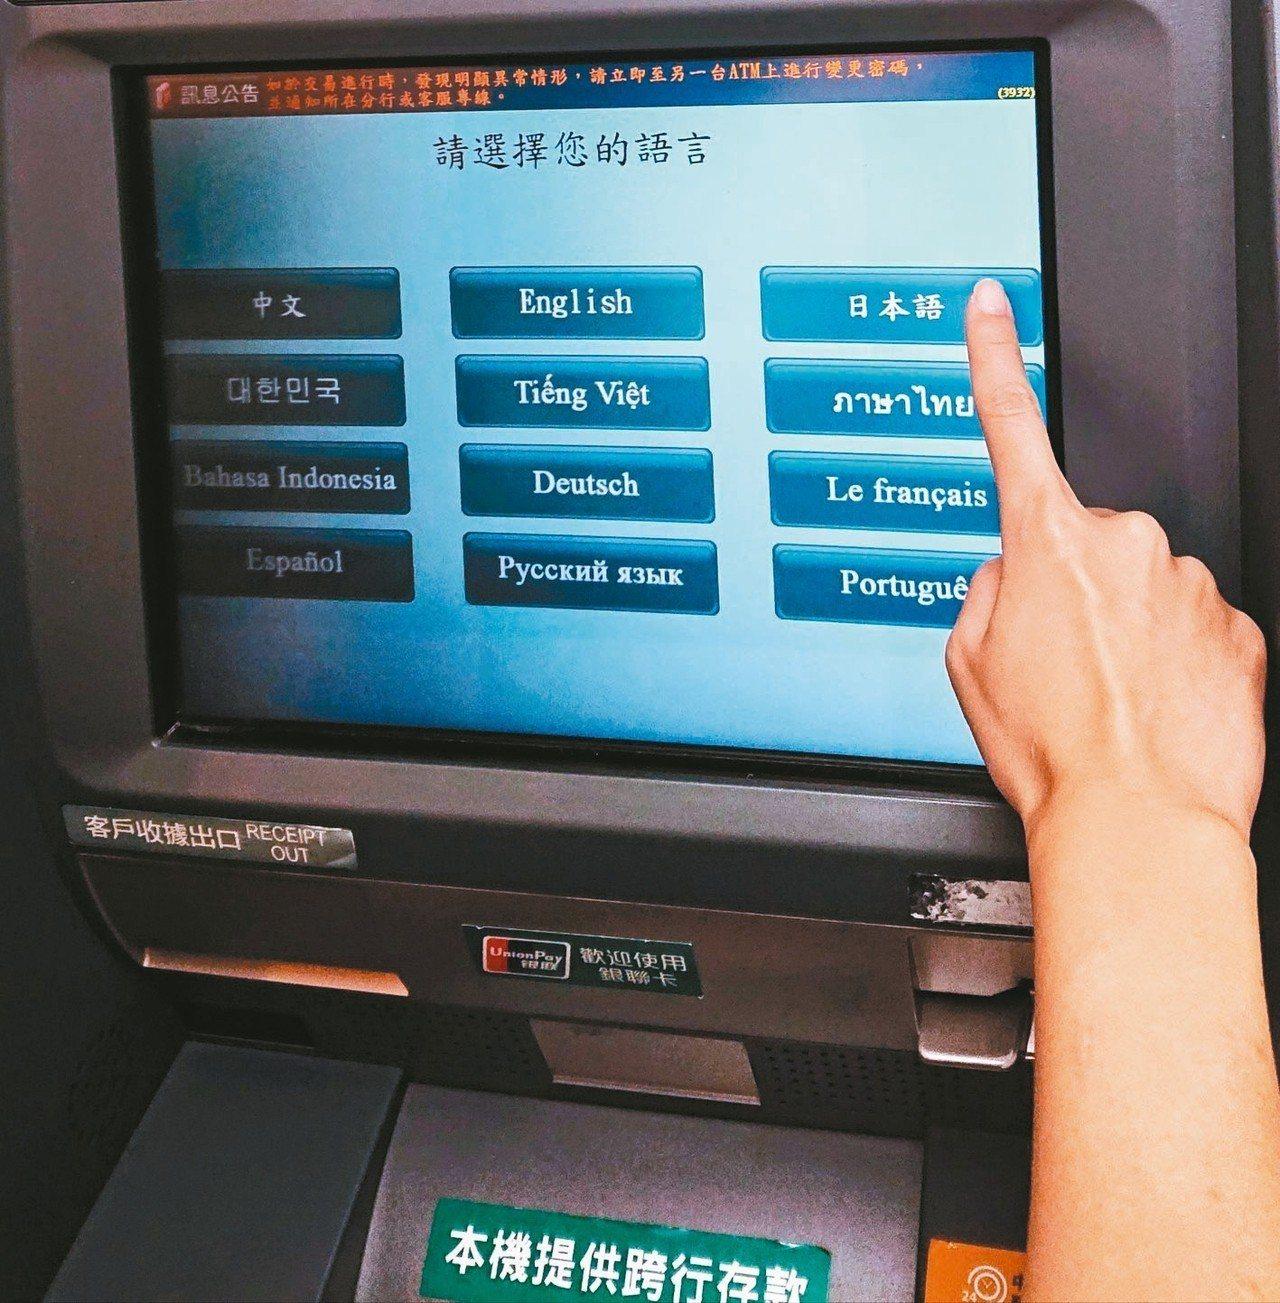 外籍人士持國際金融卡至中信銀行ATM進行跨國提款或預借現金交易,輸入密碼後將出現...